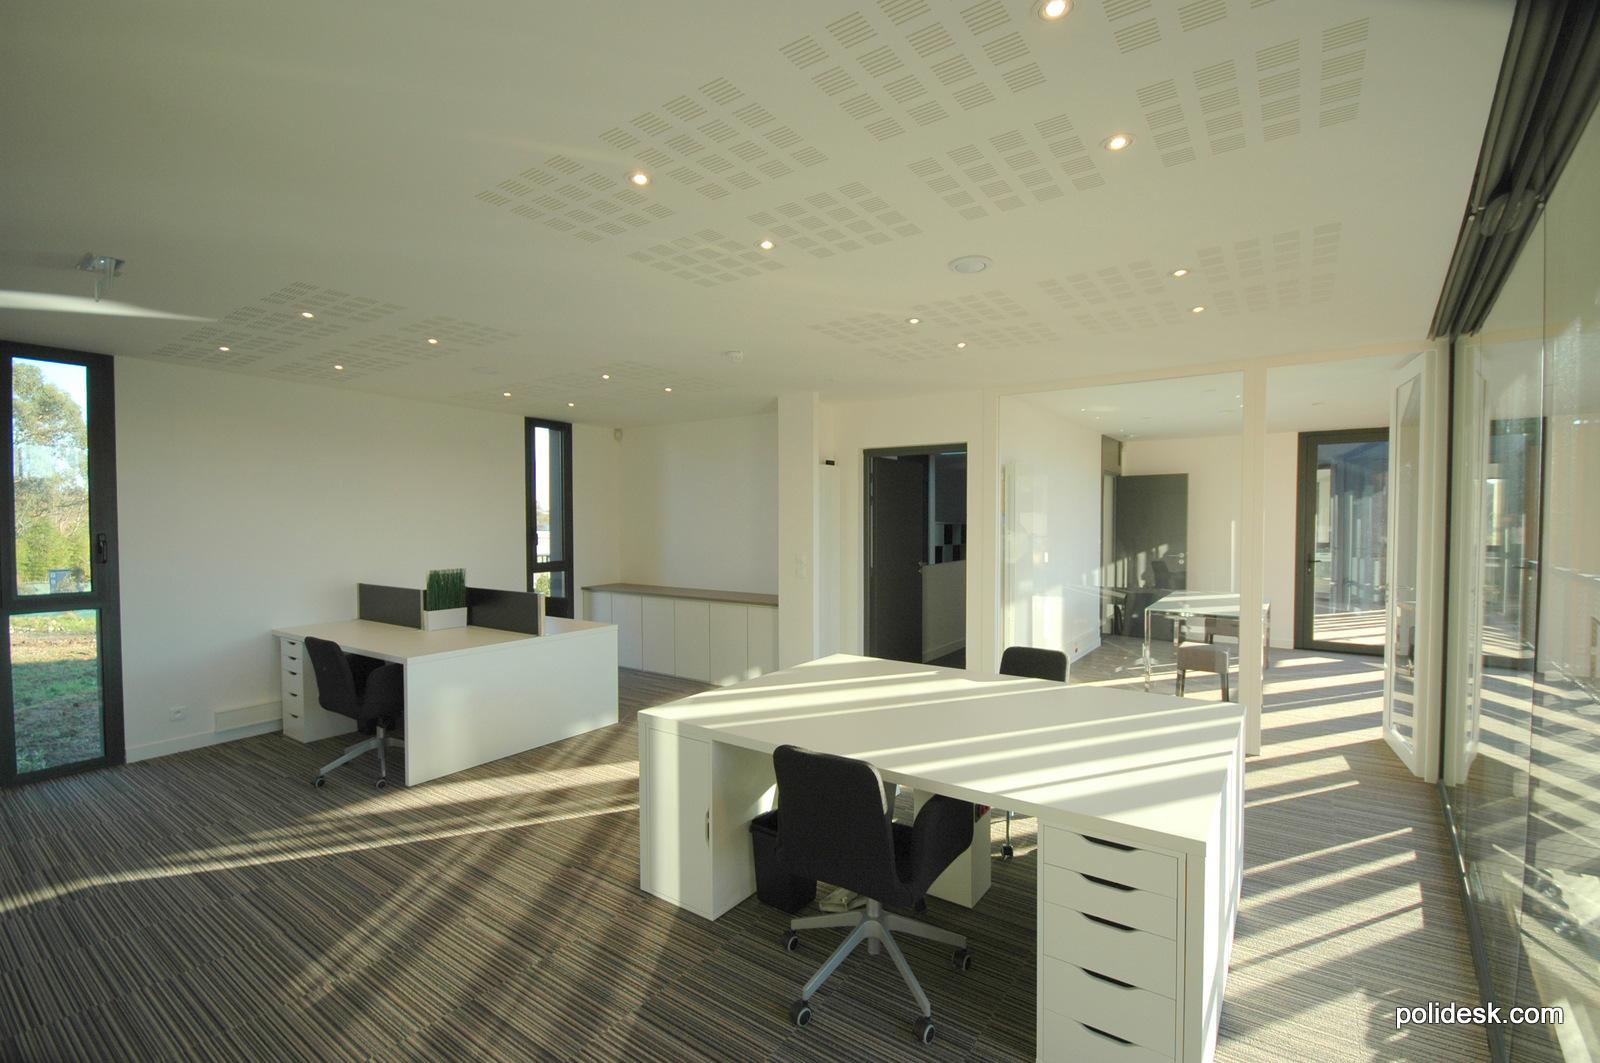 cet espace disposent de 4 bureaux 224 louer en toute flexibilit 233 sur arradon vannes polidesk